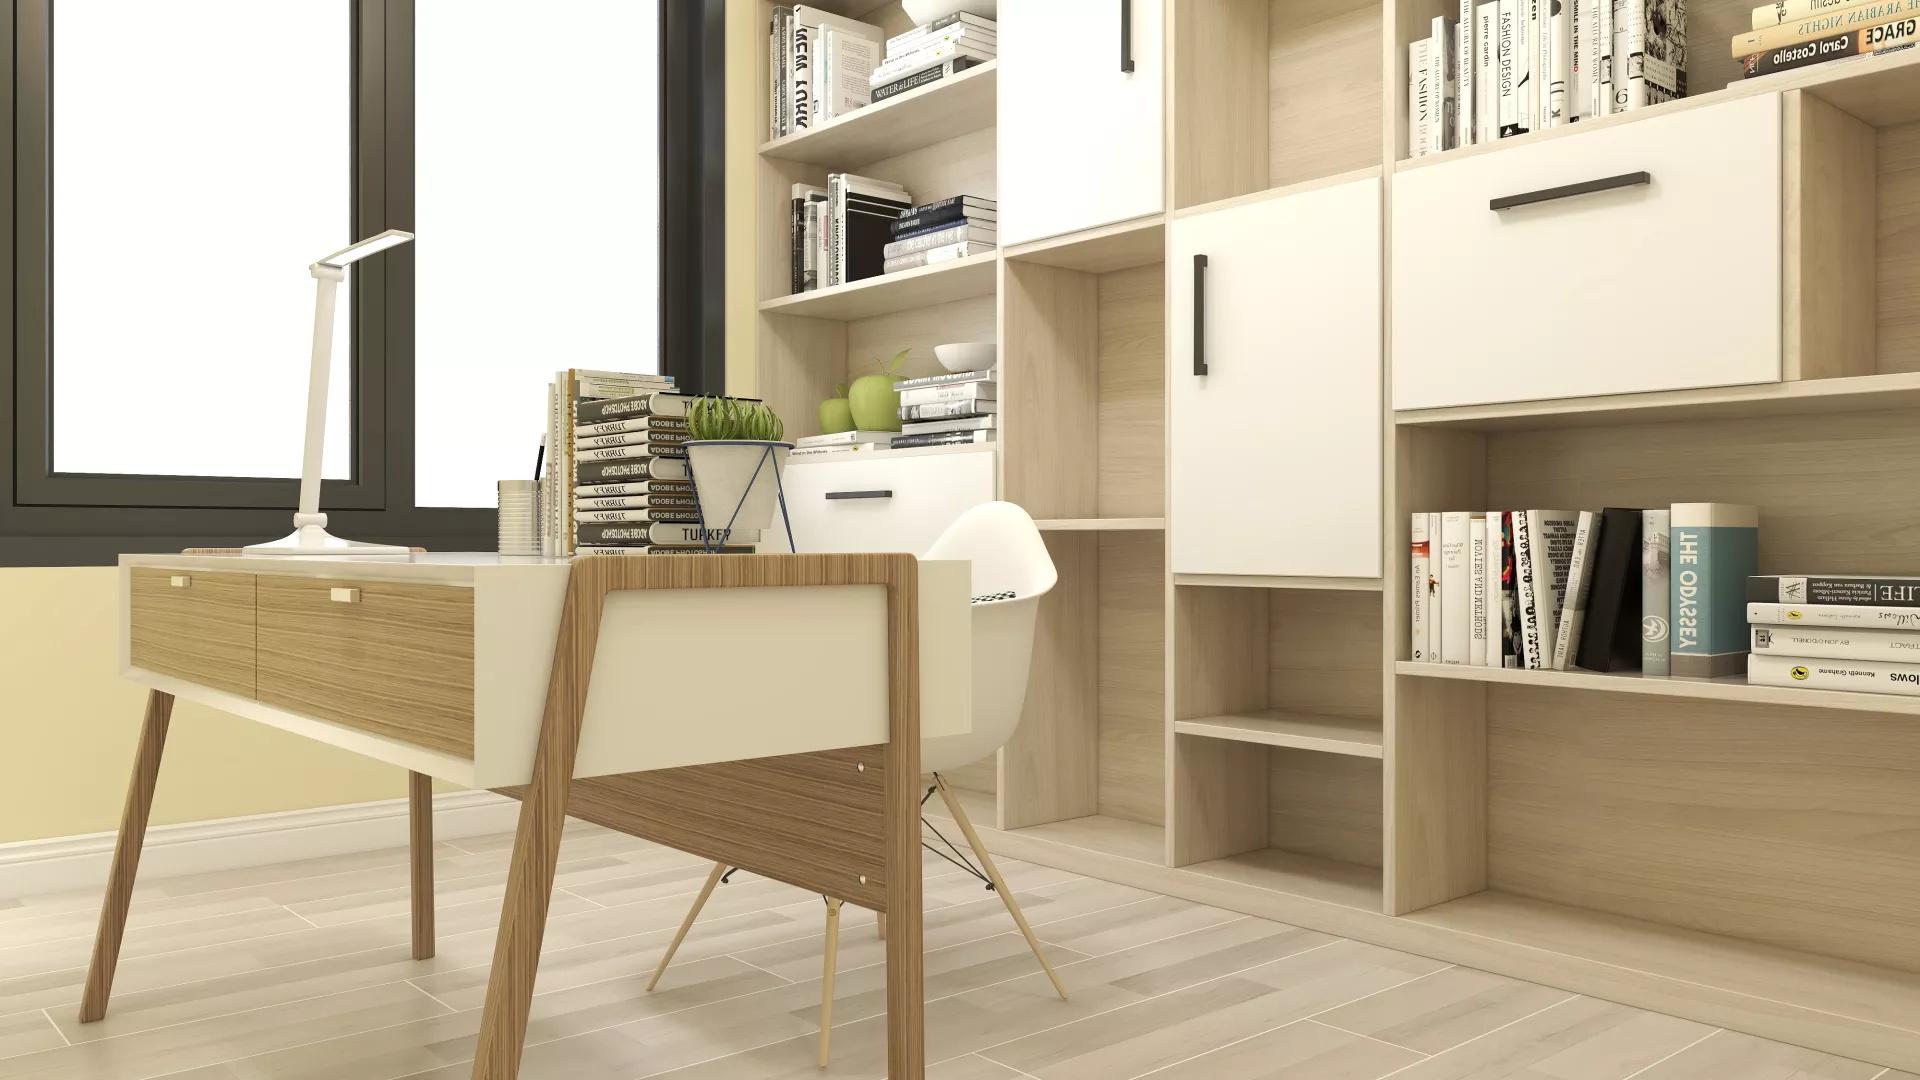 小戶型居室如何設計裝修?小戶型居室裝修方法